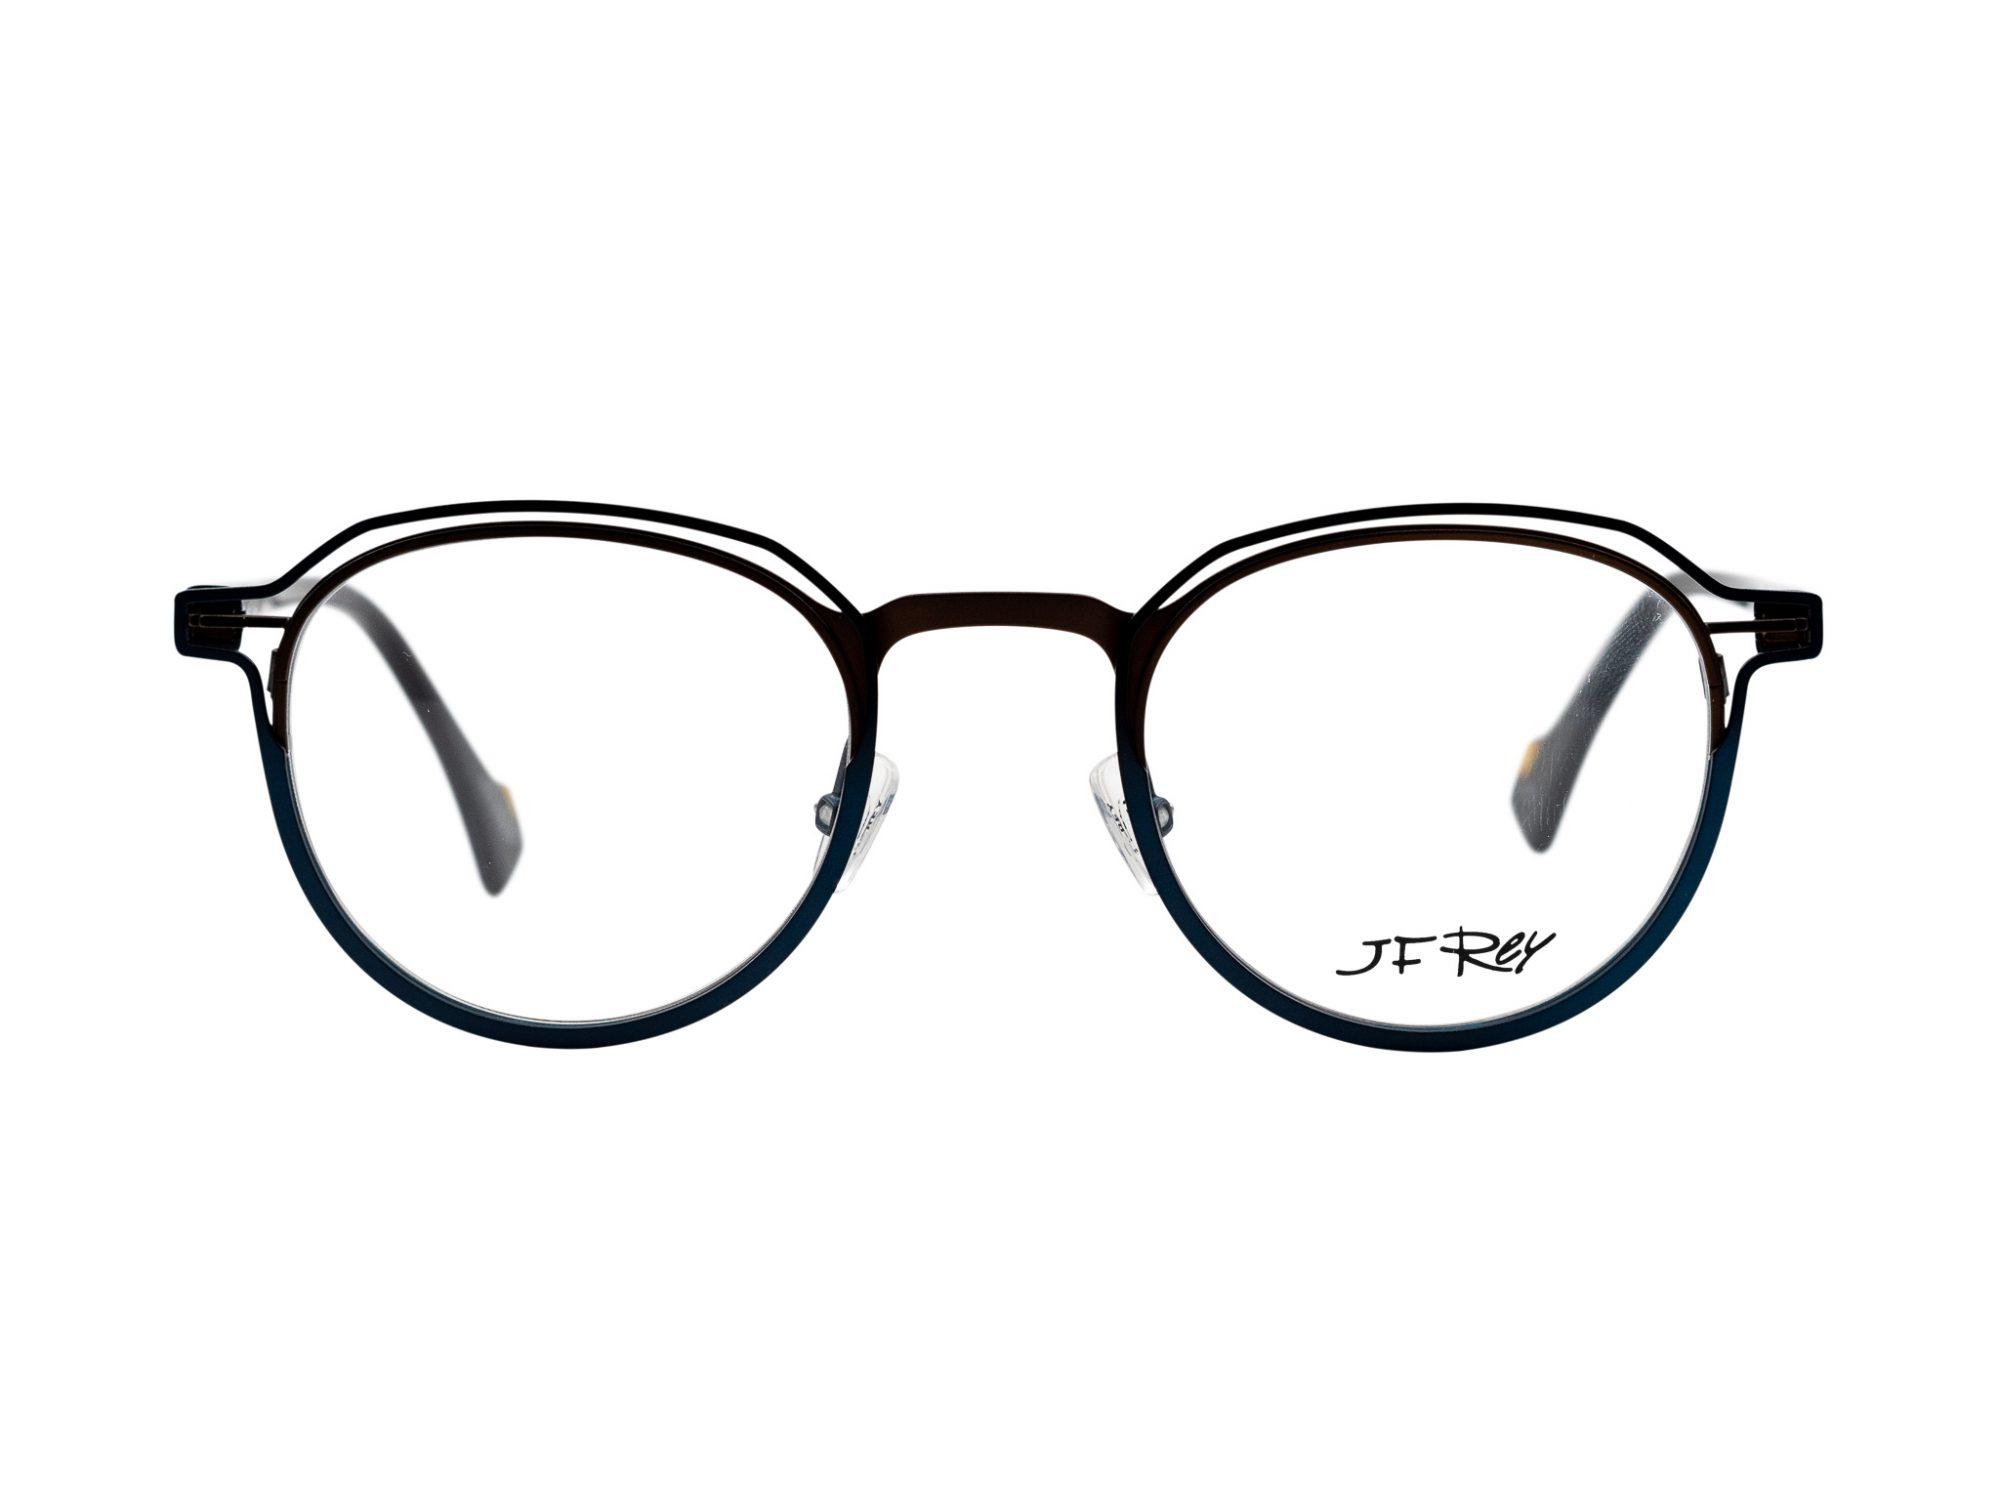 JF Rey 2891 2591